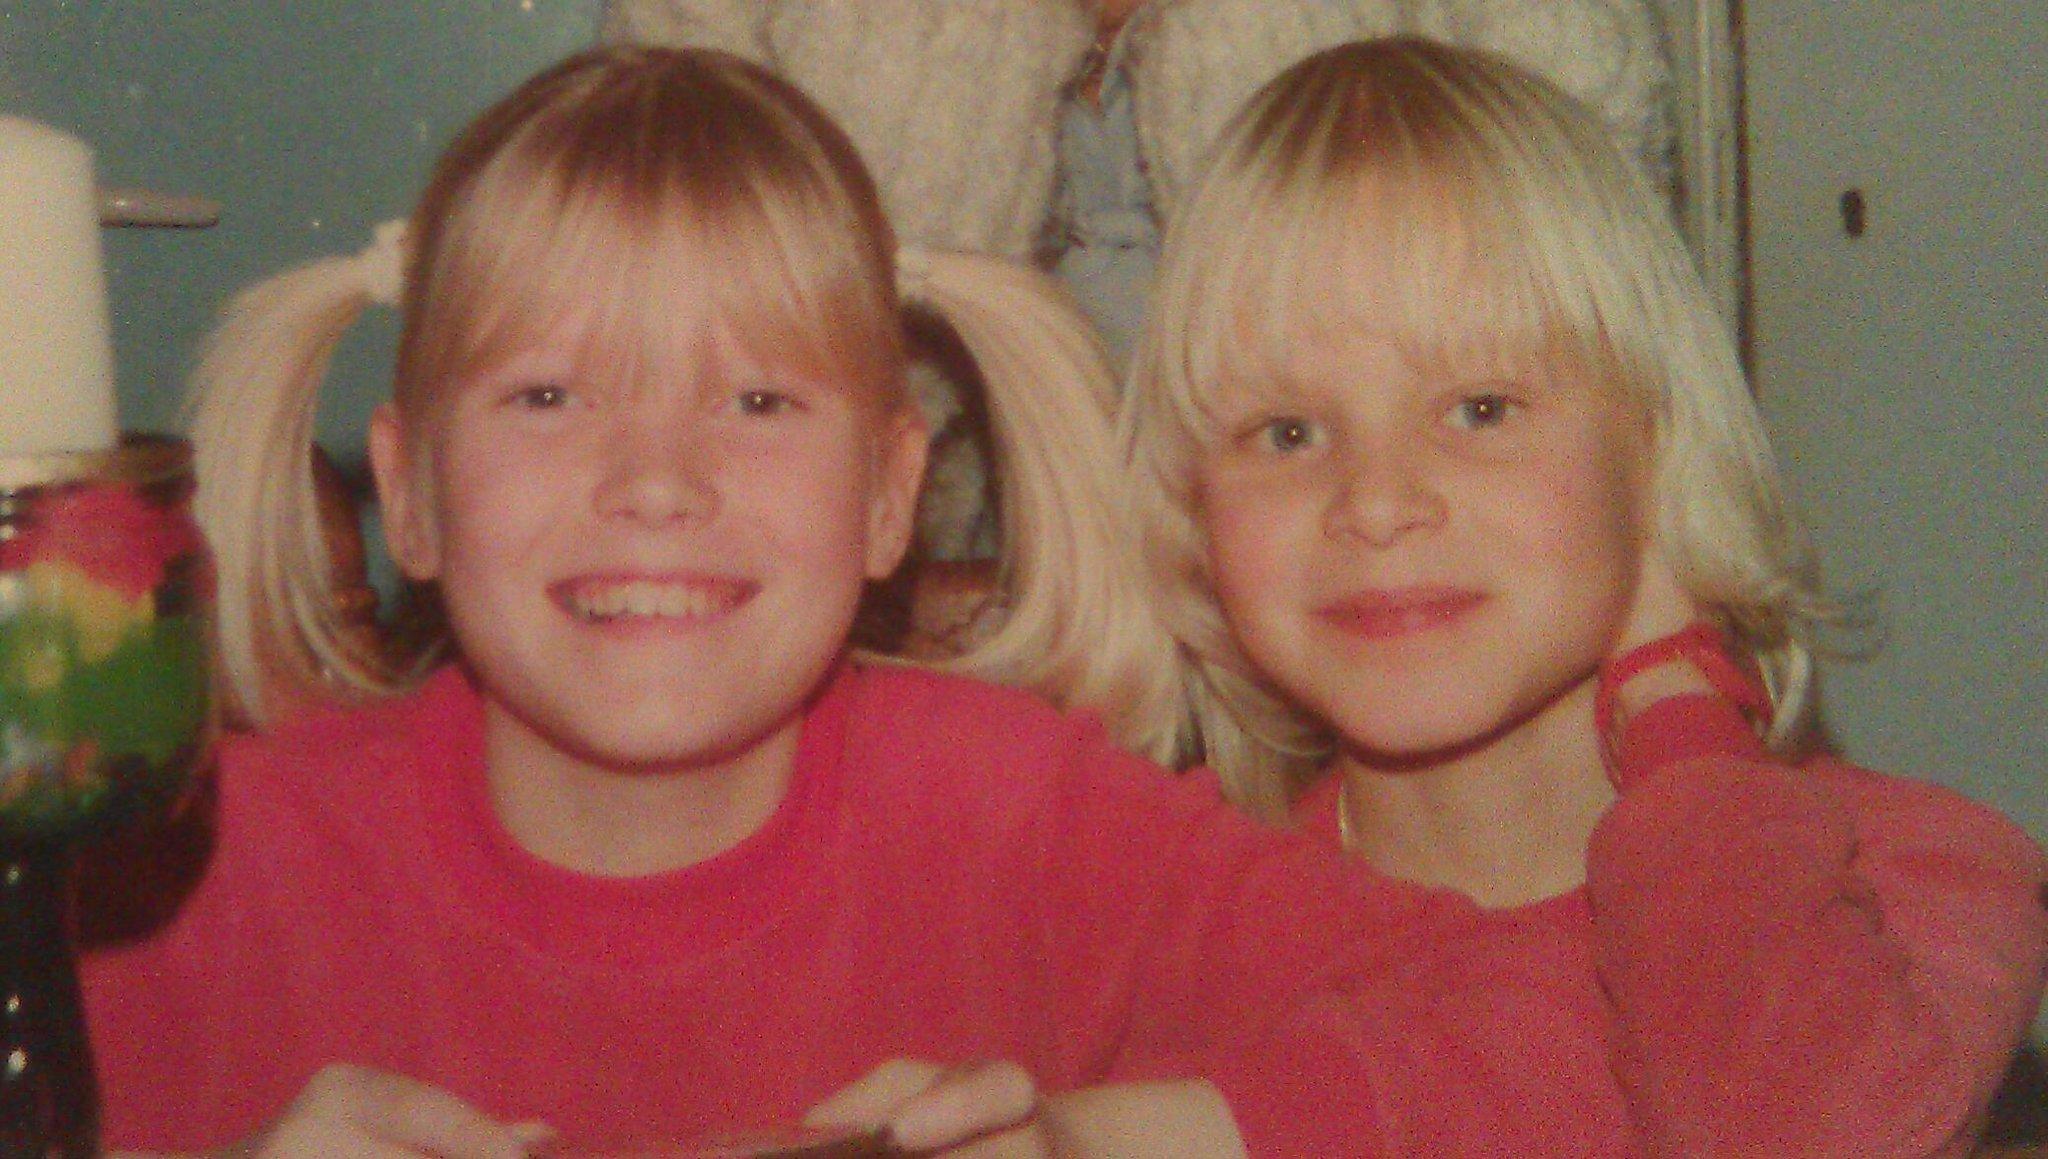 Sisters! @fryskelys http://t.co/9E6b8pvckO